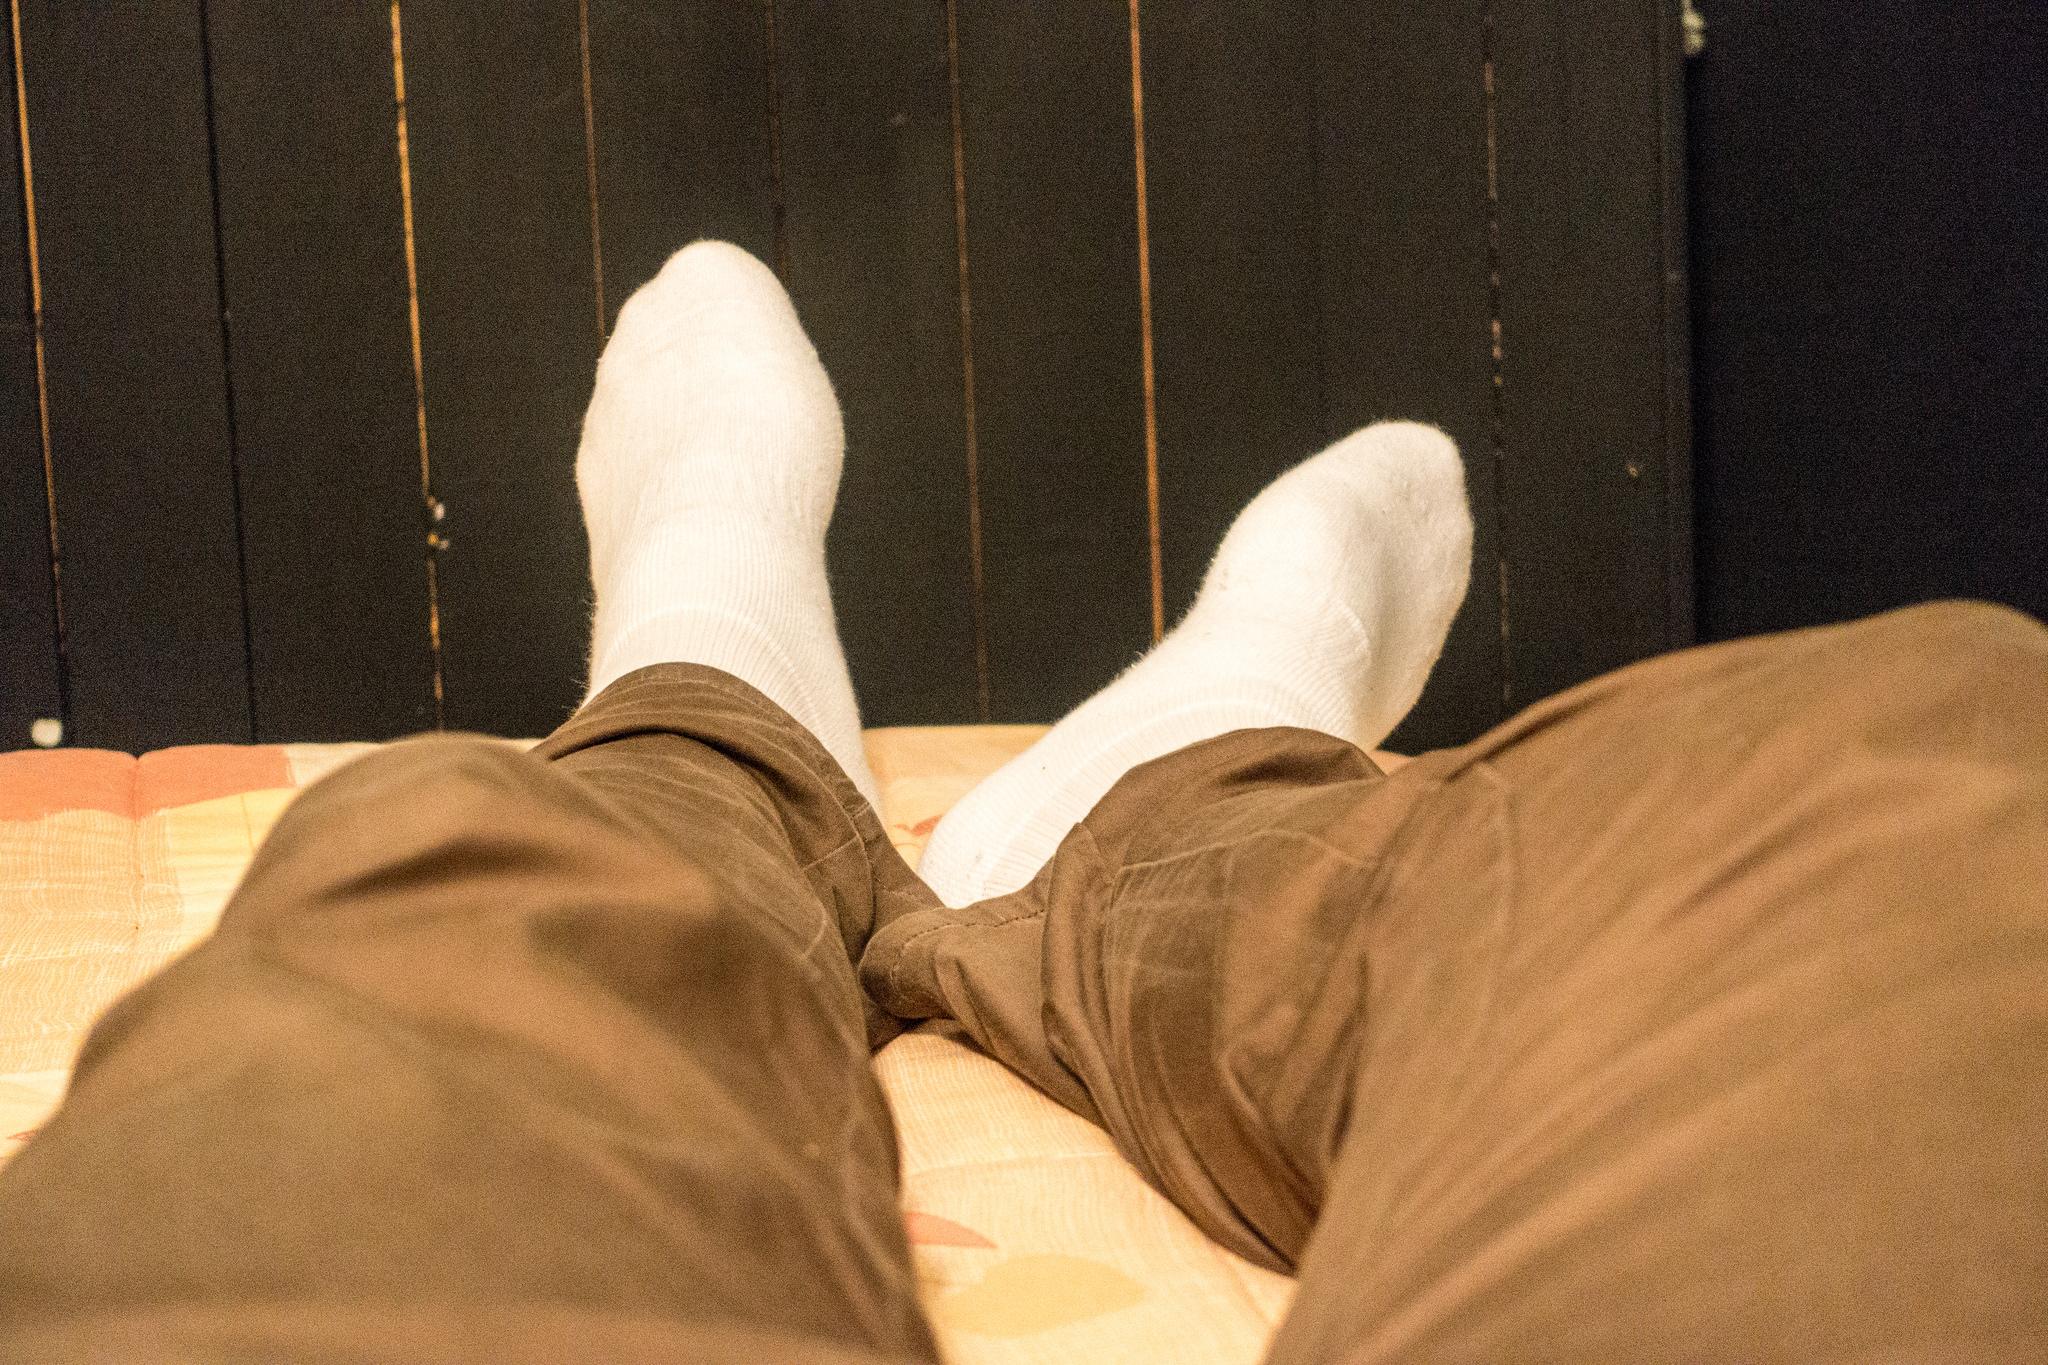 Остерегайтесь пагубной привычки нюхать свои носки.